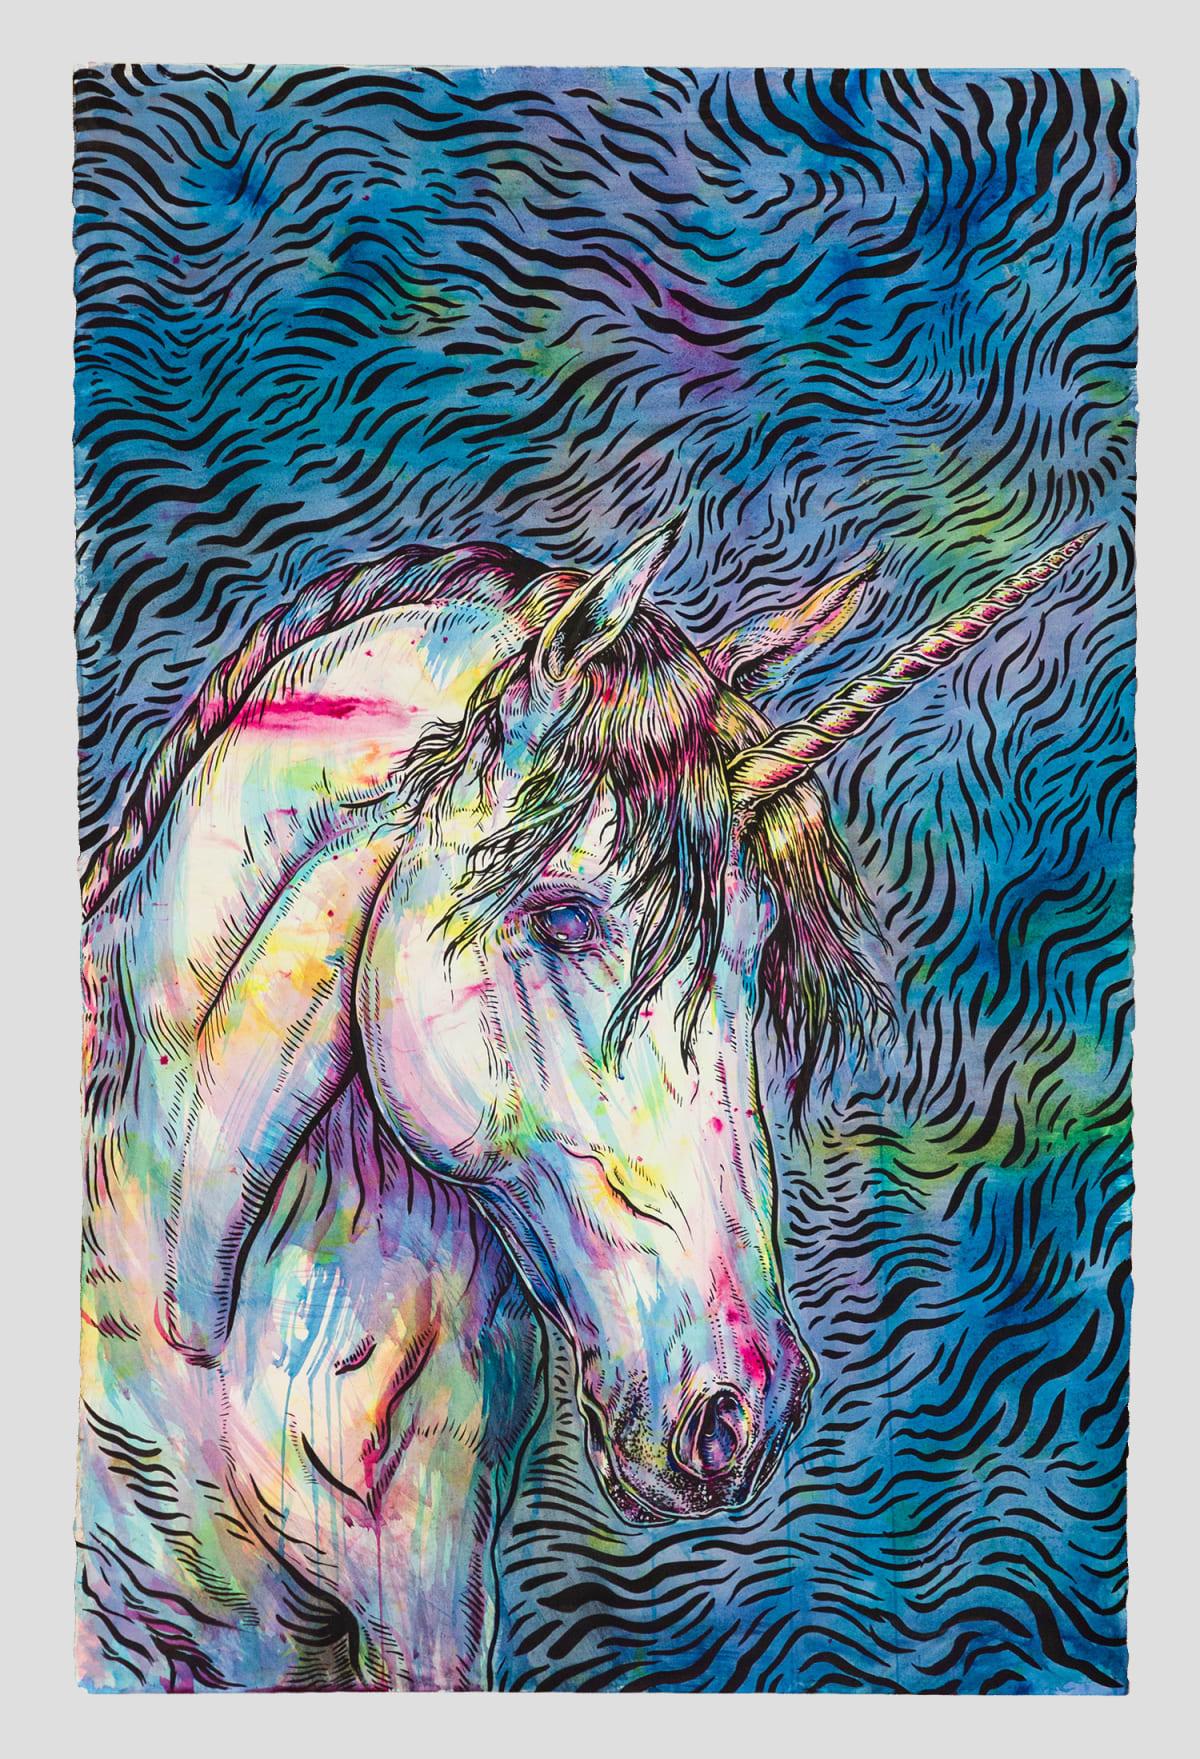 Todd Ryan White, Indrik: Unicorn, 2019